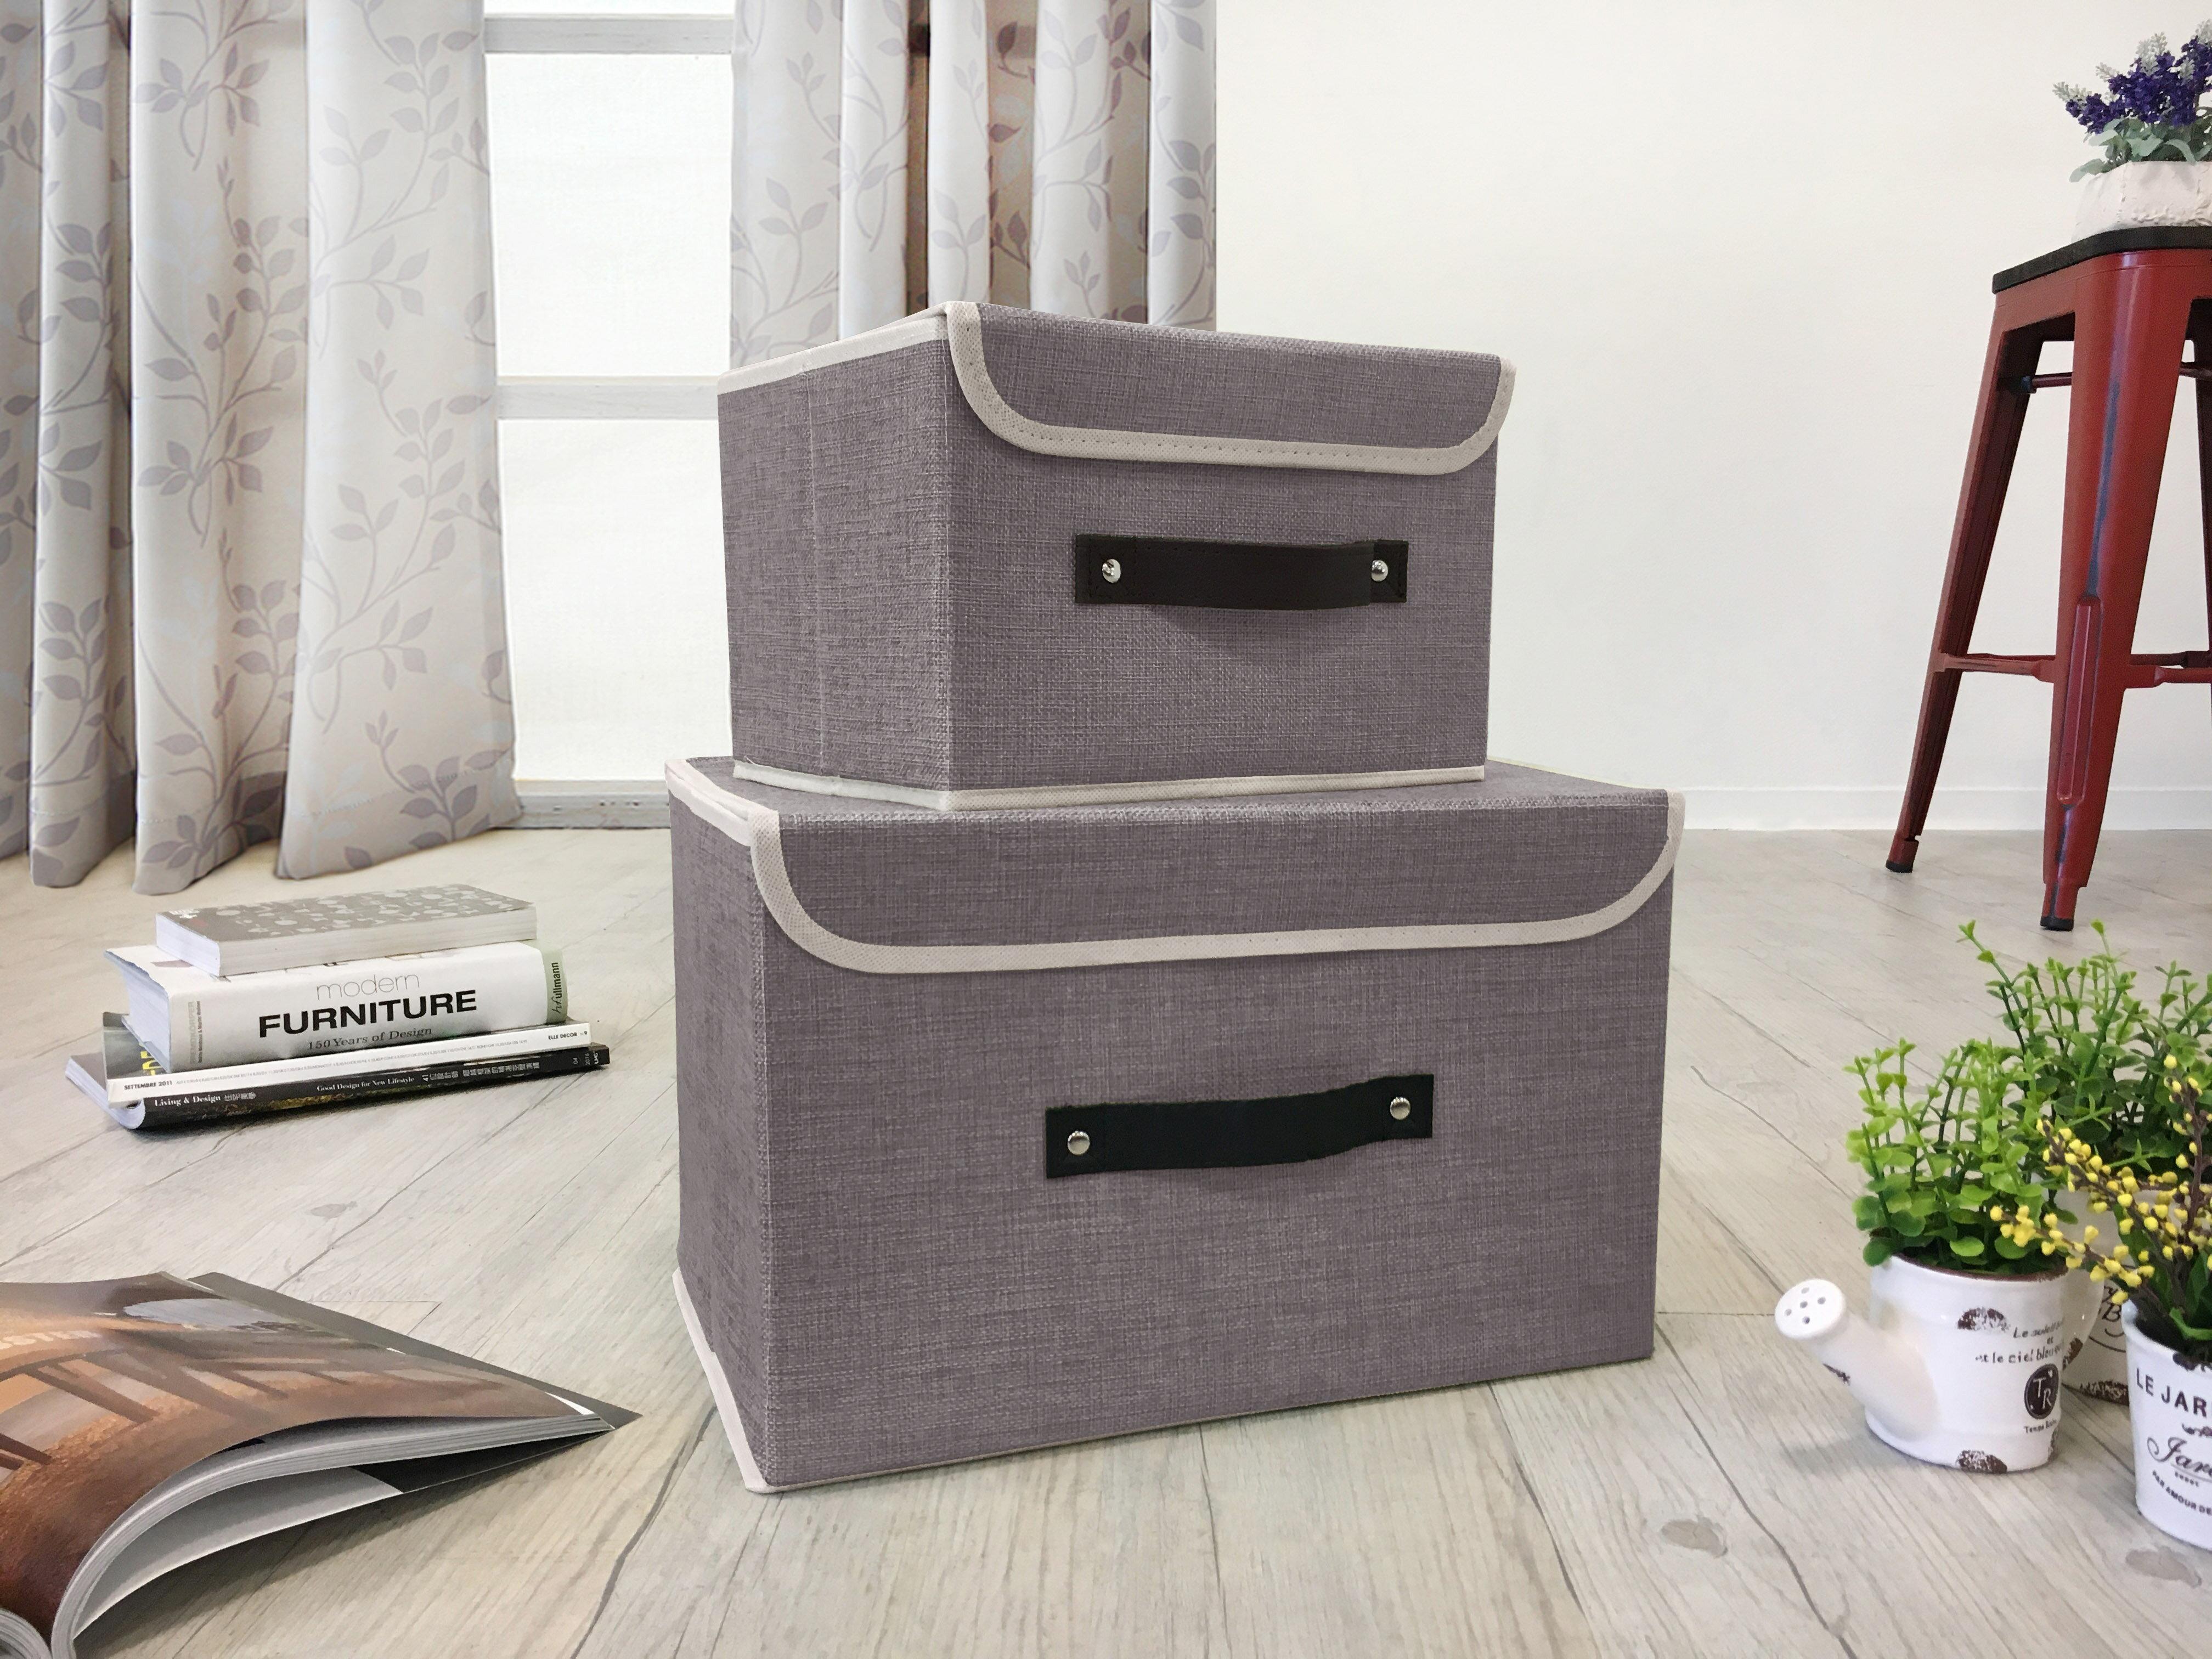 !新生活家具! 簡約 手提 收納箱 儲物箱 整理箱 玩具儲物箱 雜物收納 四色《卡拉》非 H&D ikea 宜家